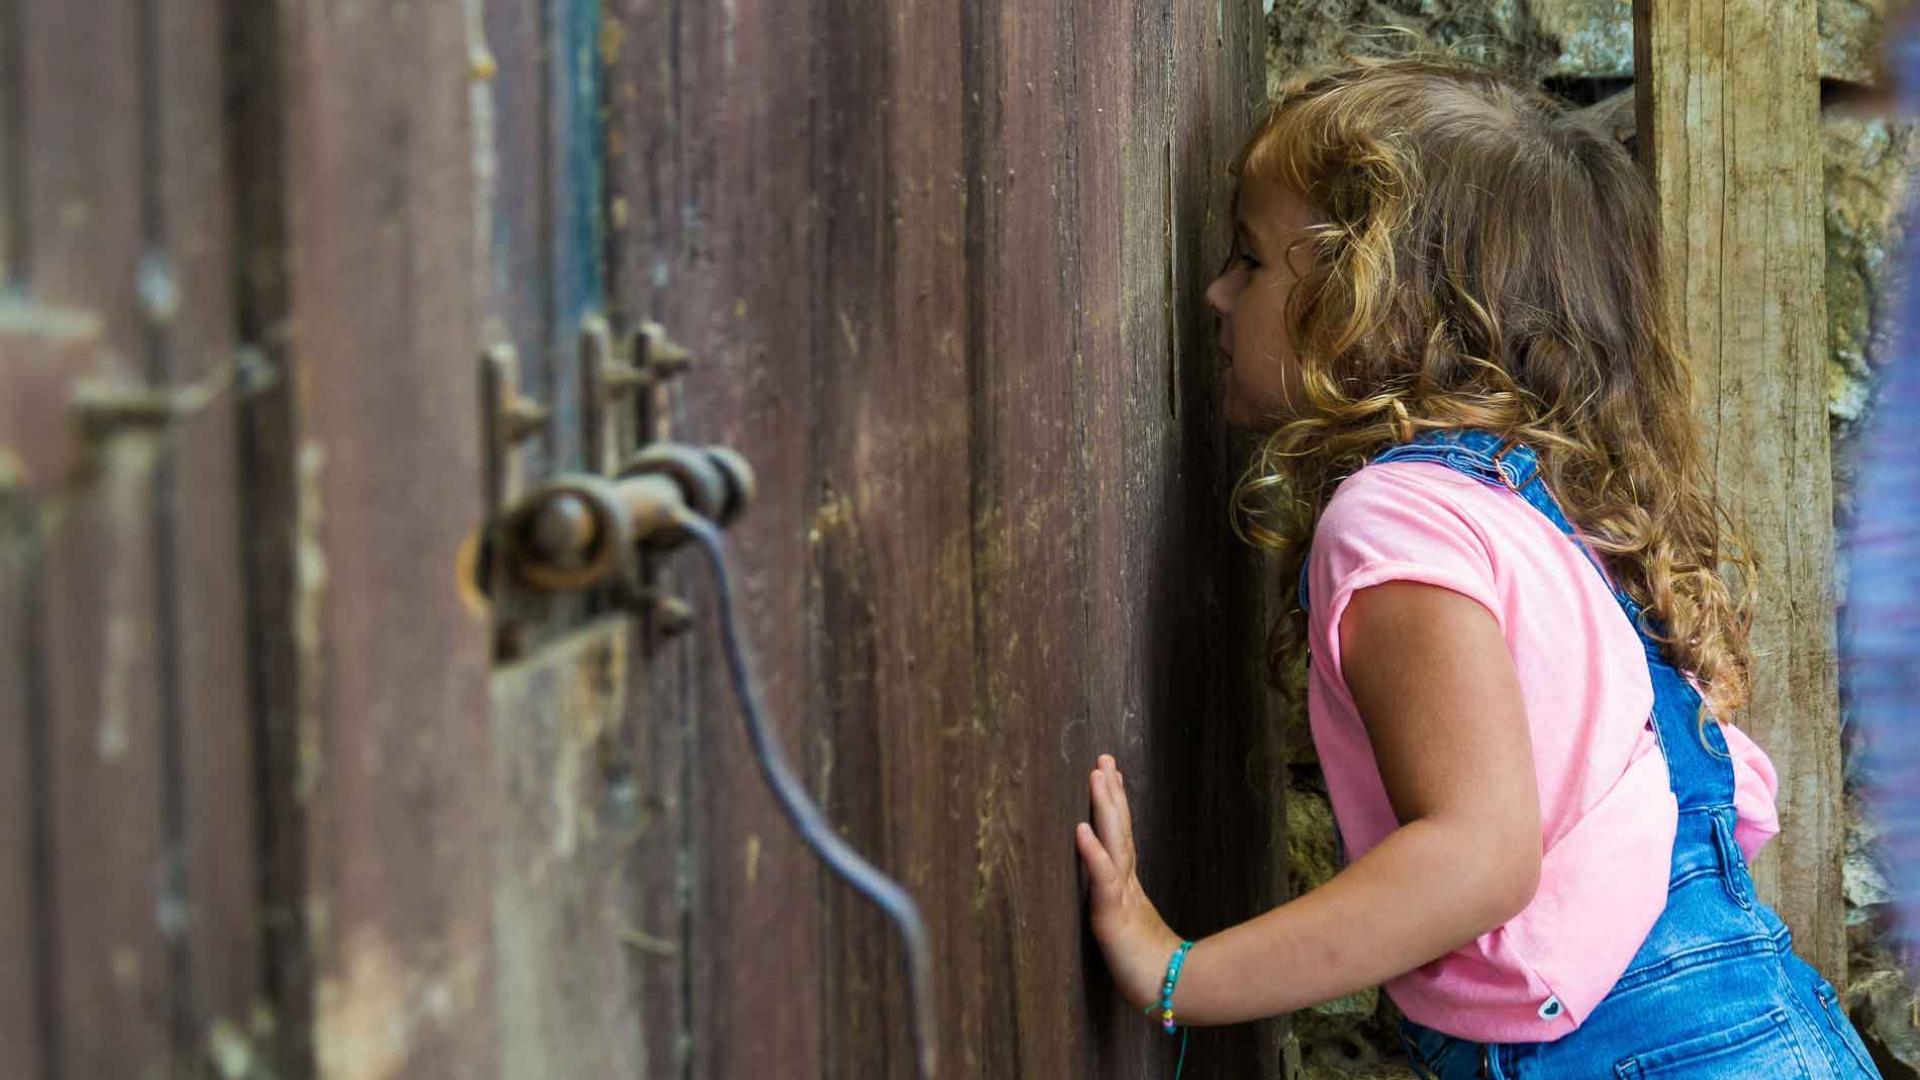 Buller à la campagne - Petite fille regardant par une porte de grange